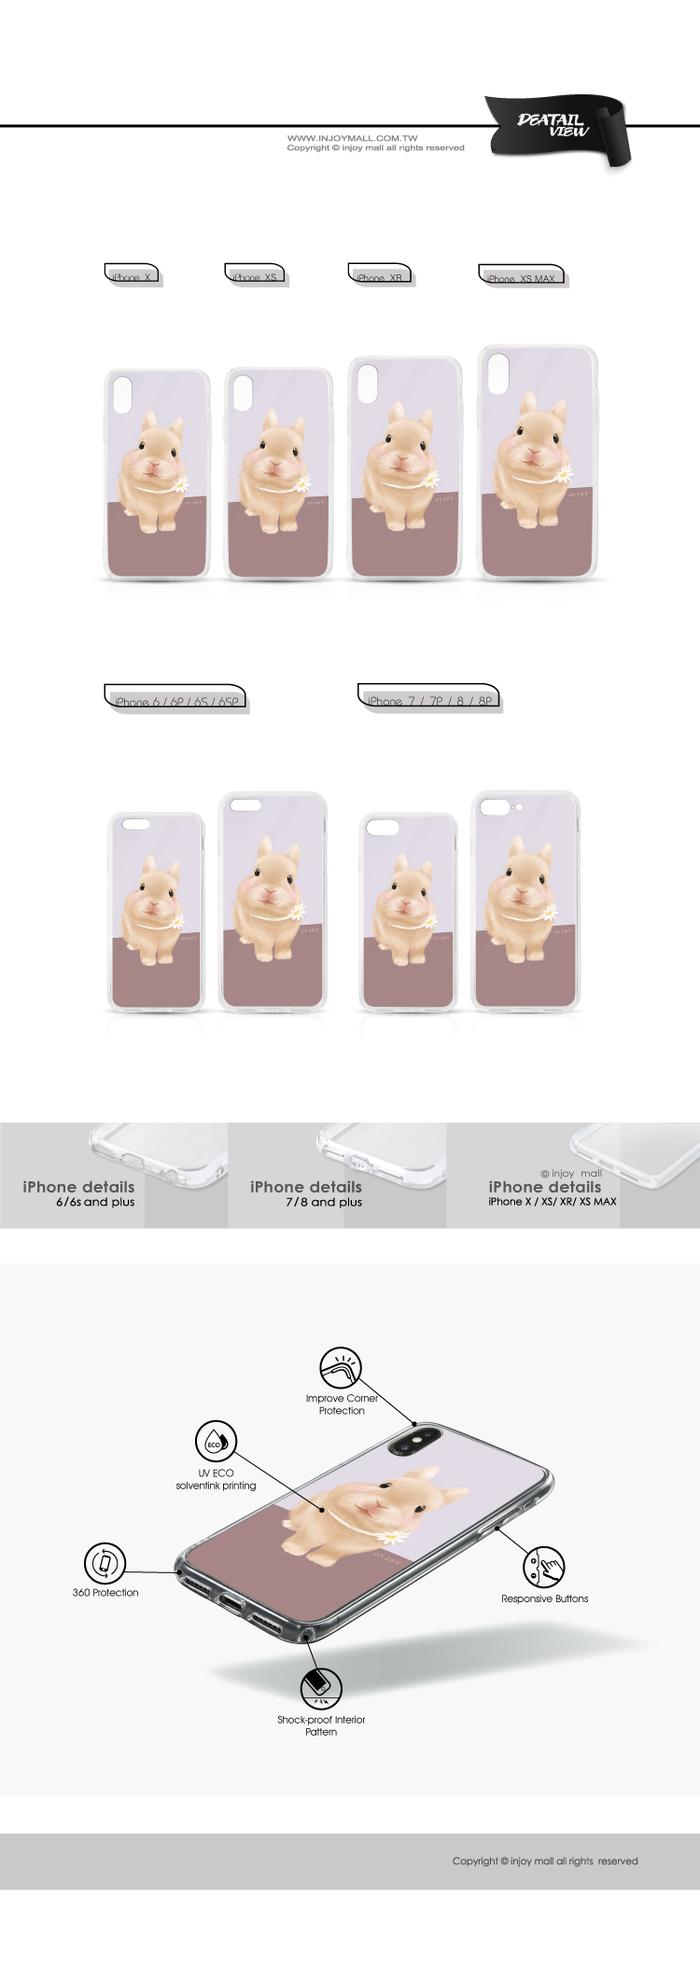 (複製)INJOY mall|iPhone 6 / 7 / 8 / Plus / X / XS / XR / max 系列 波波迷你豬透明耐衝擊防摔手機